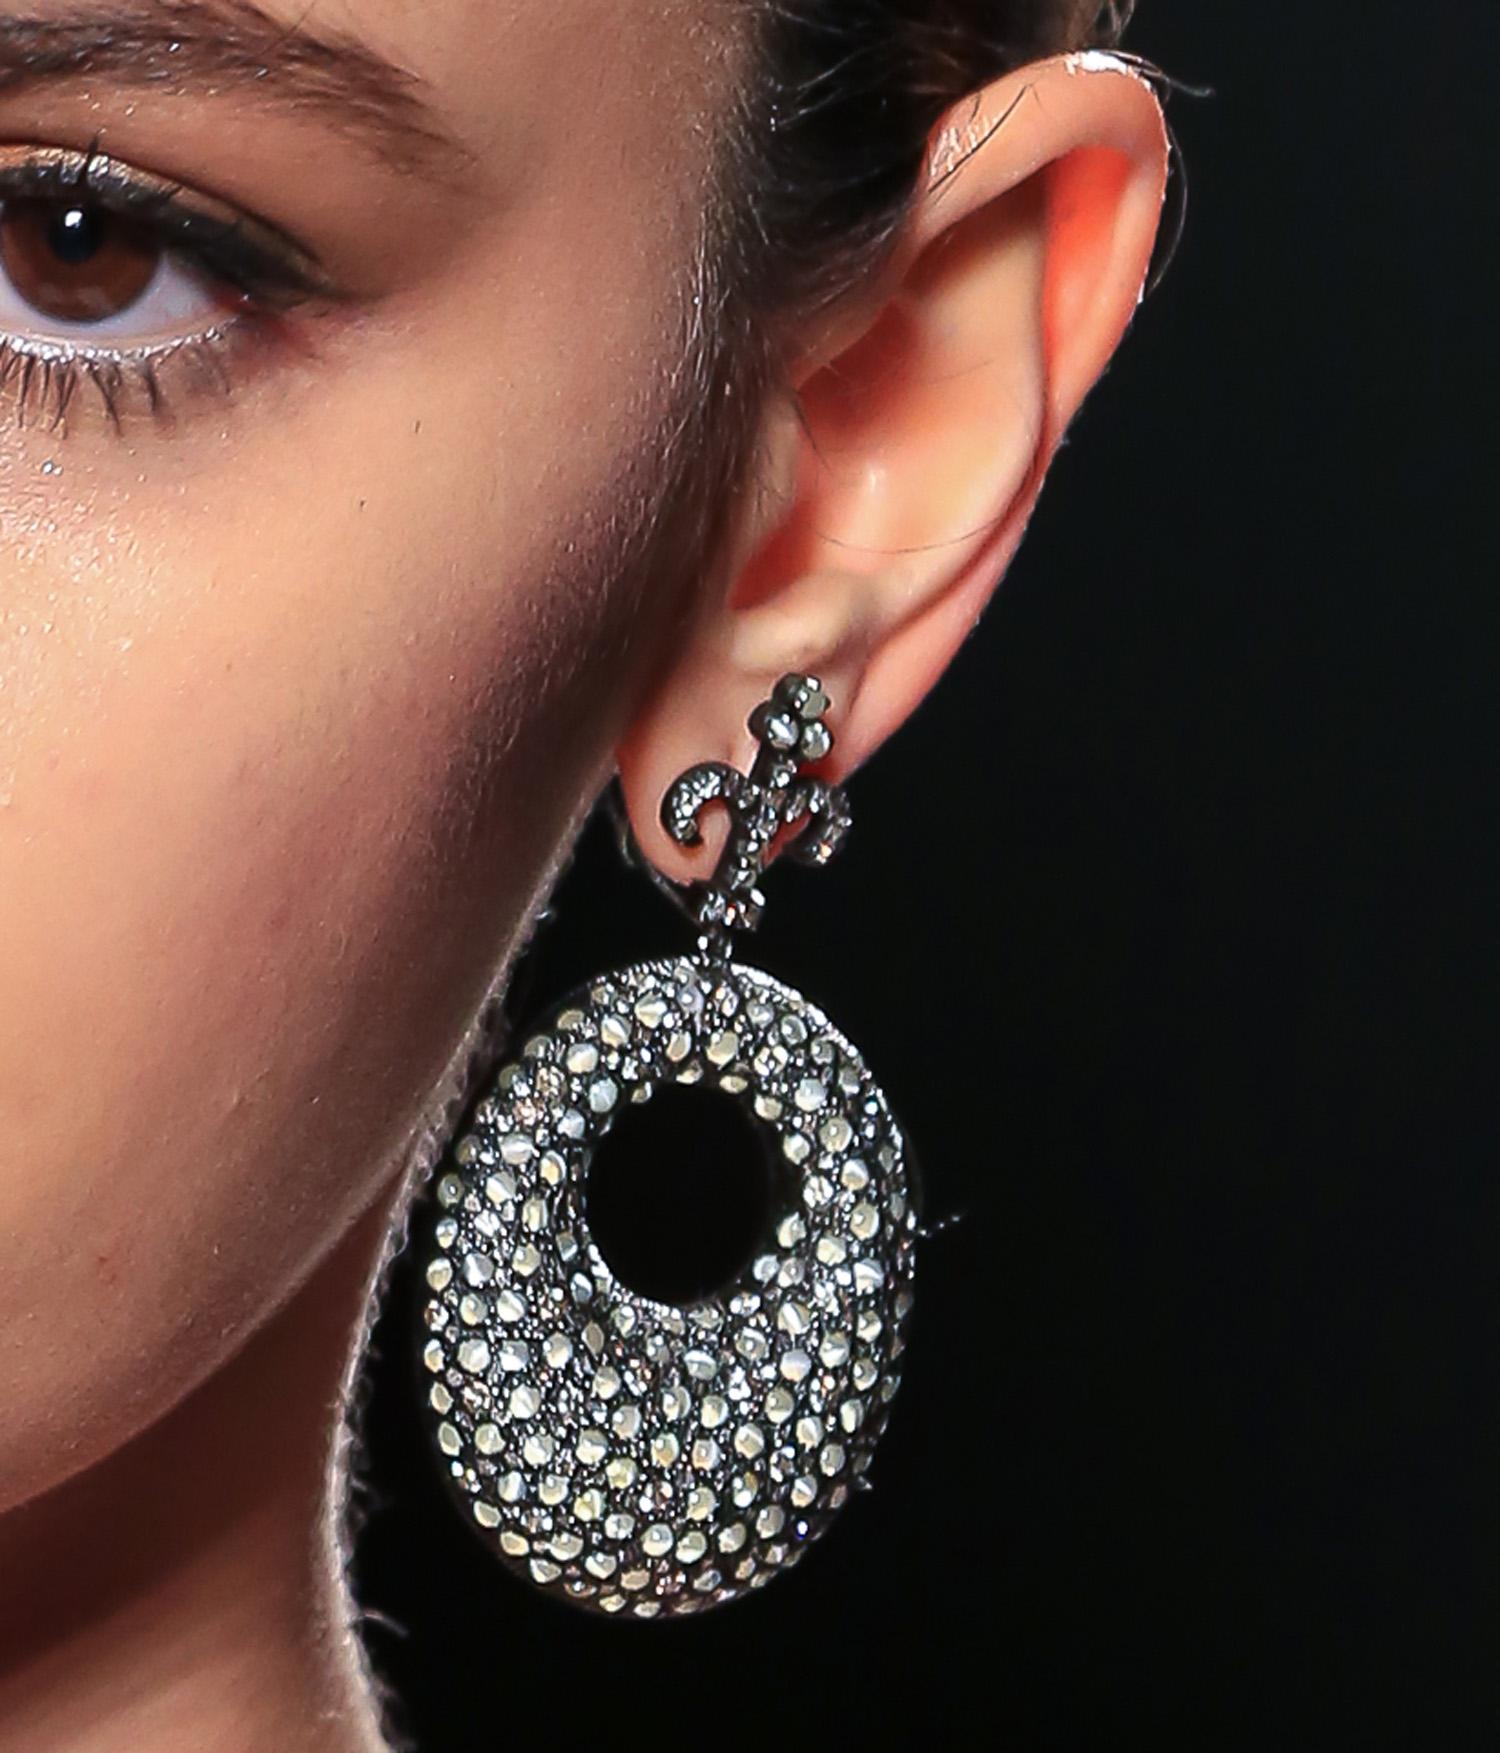 beauty_model_earring-2.jpg